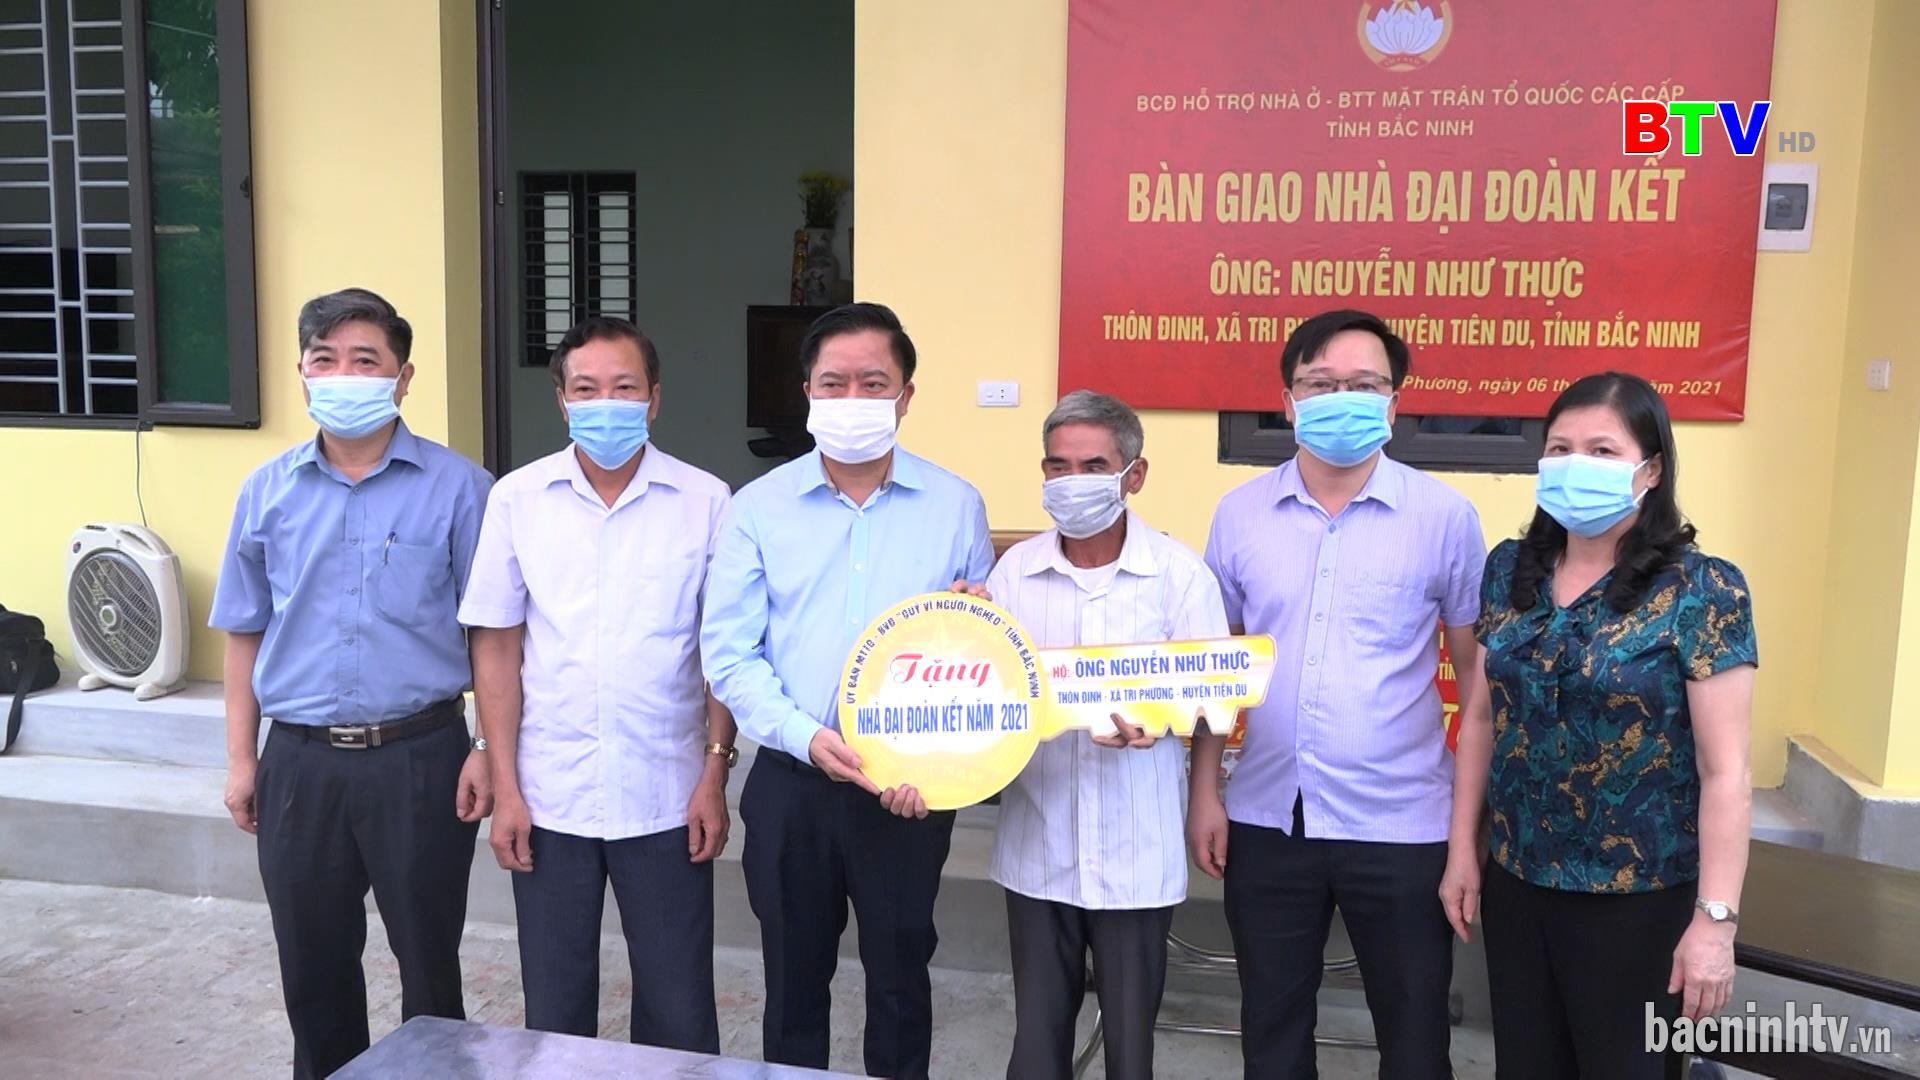 Ủy ban MTTQ tỉnh trao nhà Đại đoàn kết ở huyện Tiên Du